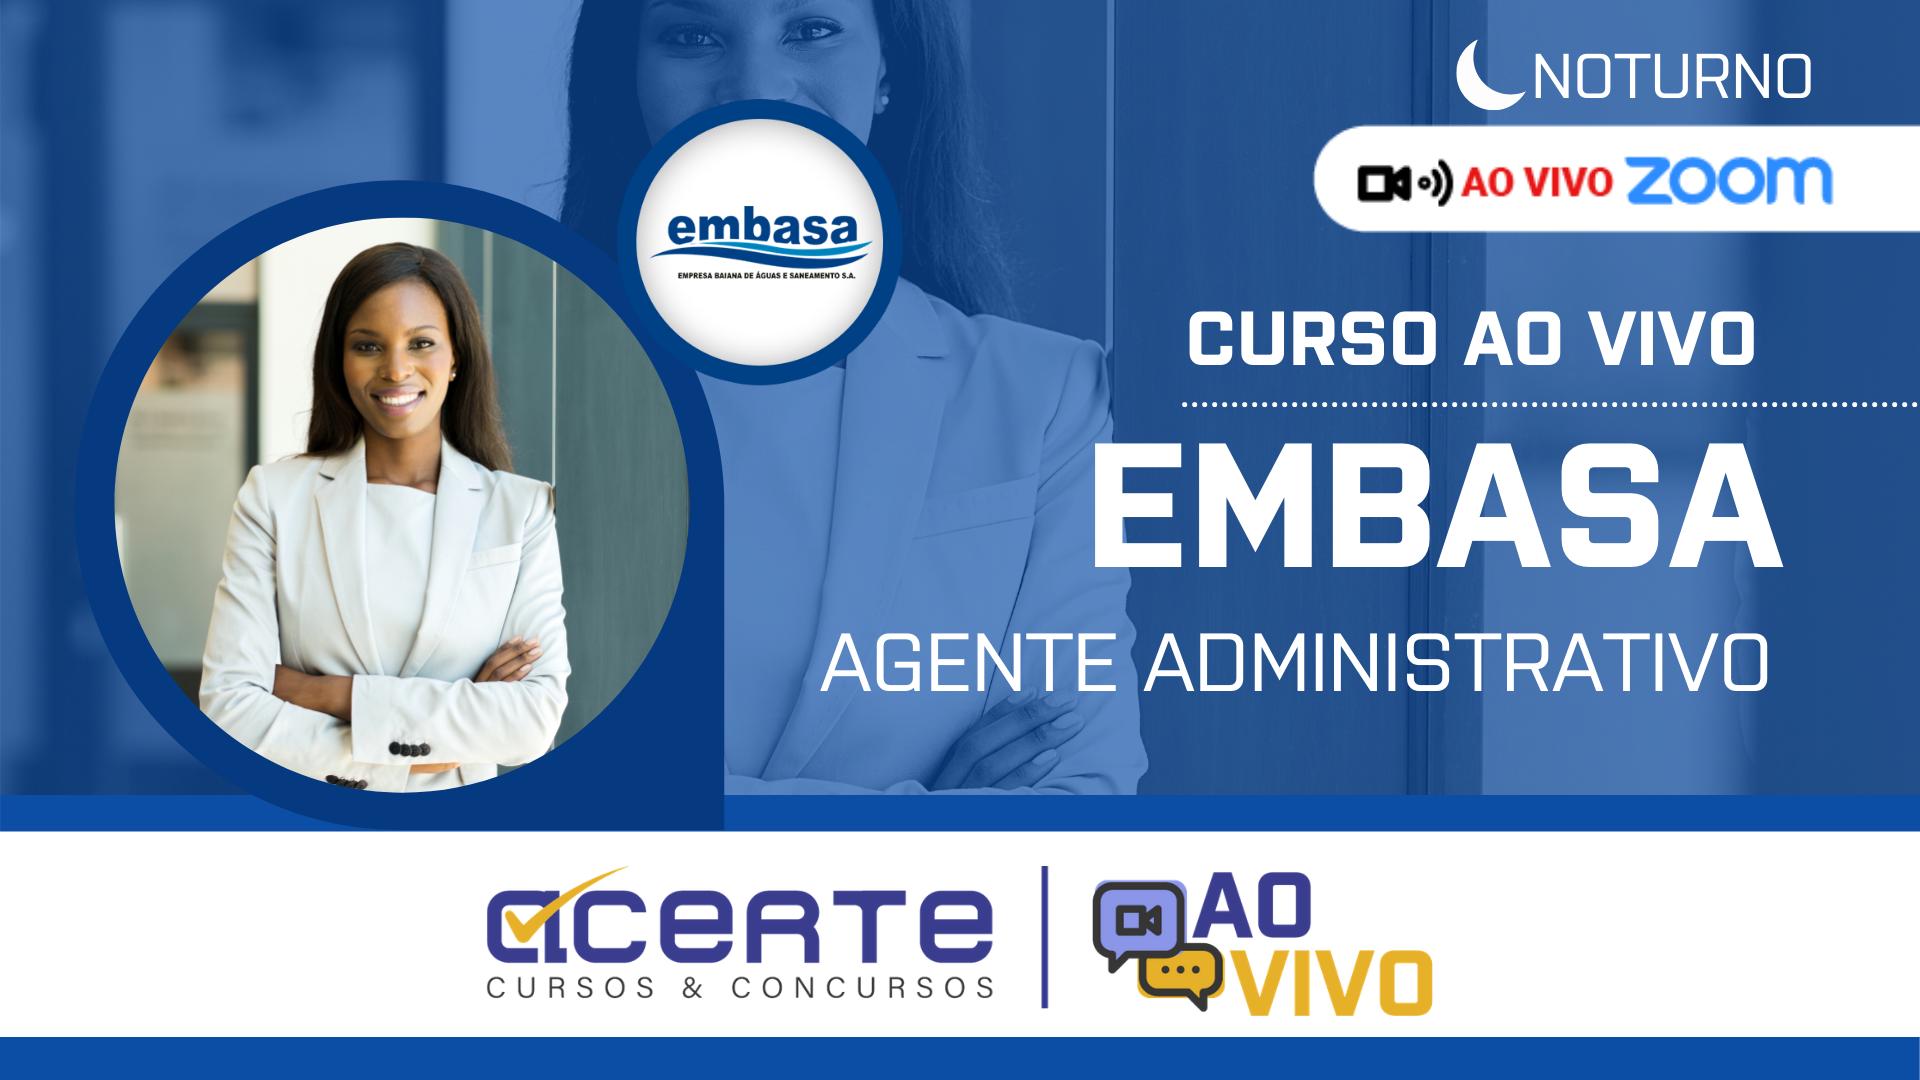 Embasa - Agente Administrativo AO VIVO - Noturno